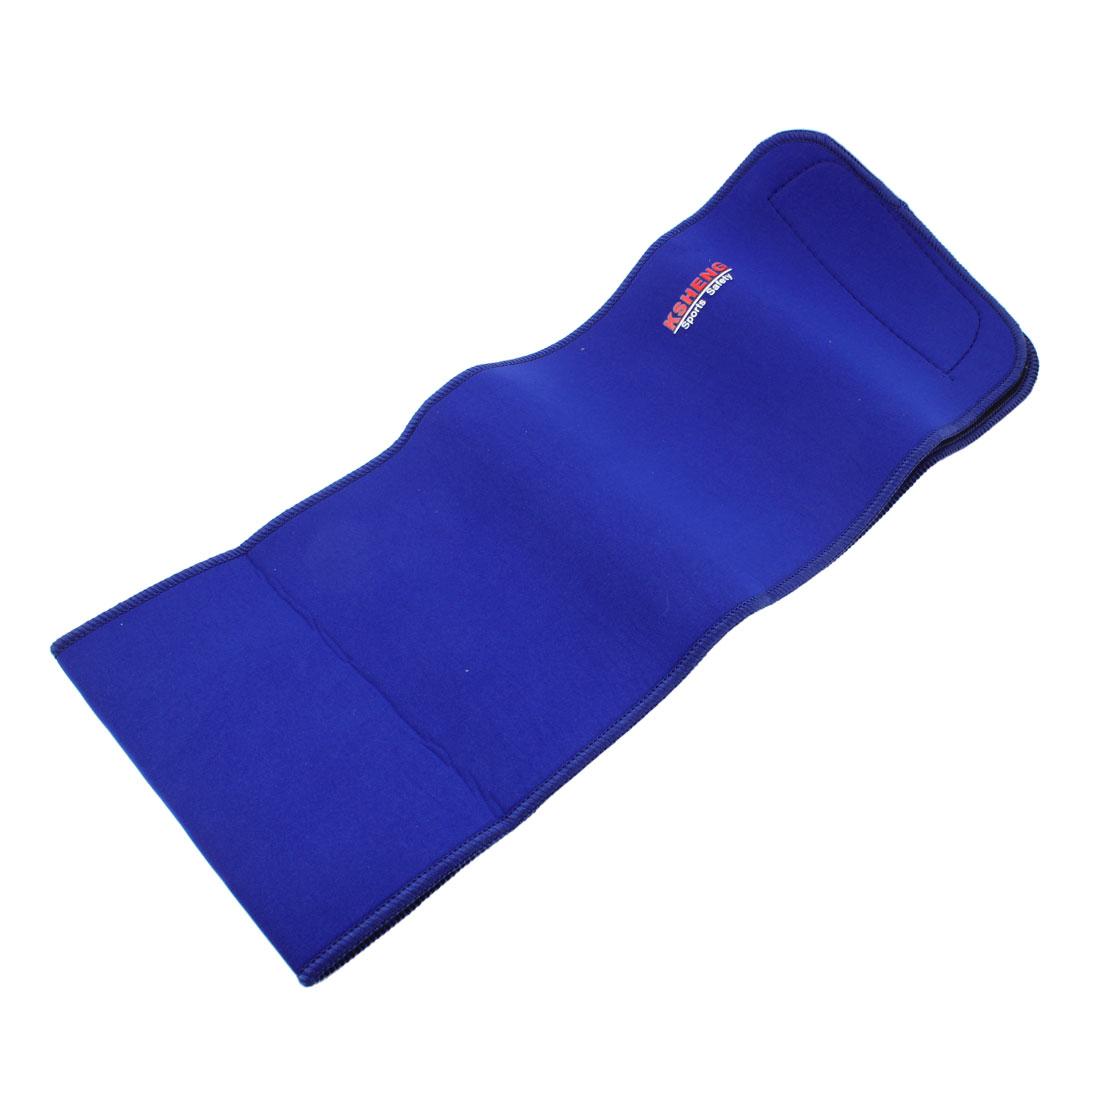 Black Lining Blue Neoprene Elastic Waist Support Band Wrap for Men Women